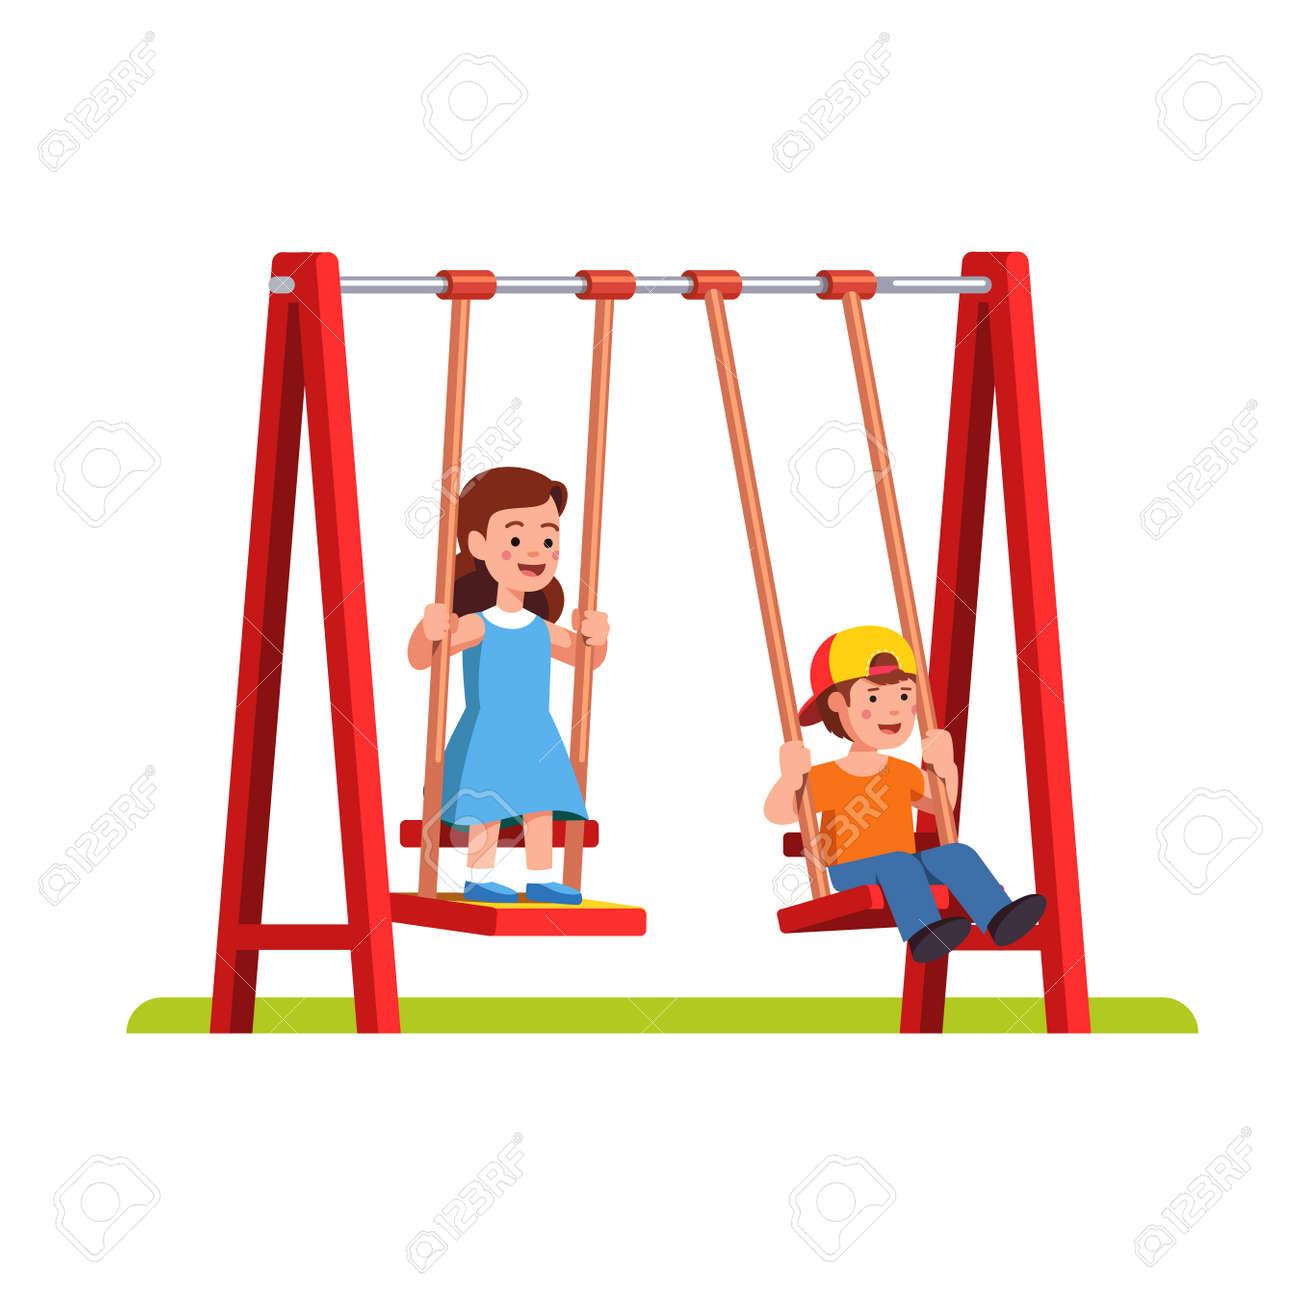 Junge Und Mädchen Schwingen Auf Schaukel Auf Spielplatz Lizenzfrei